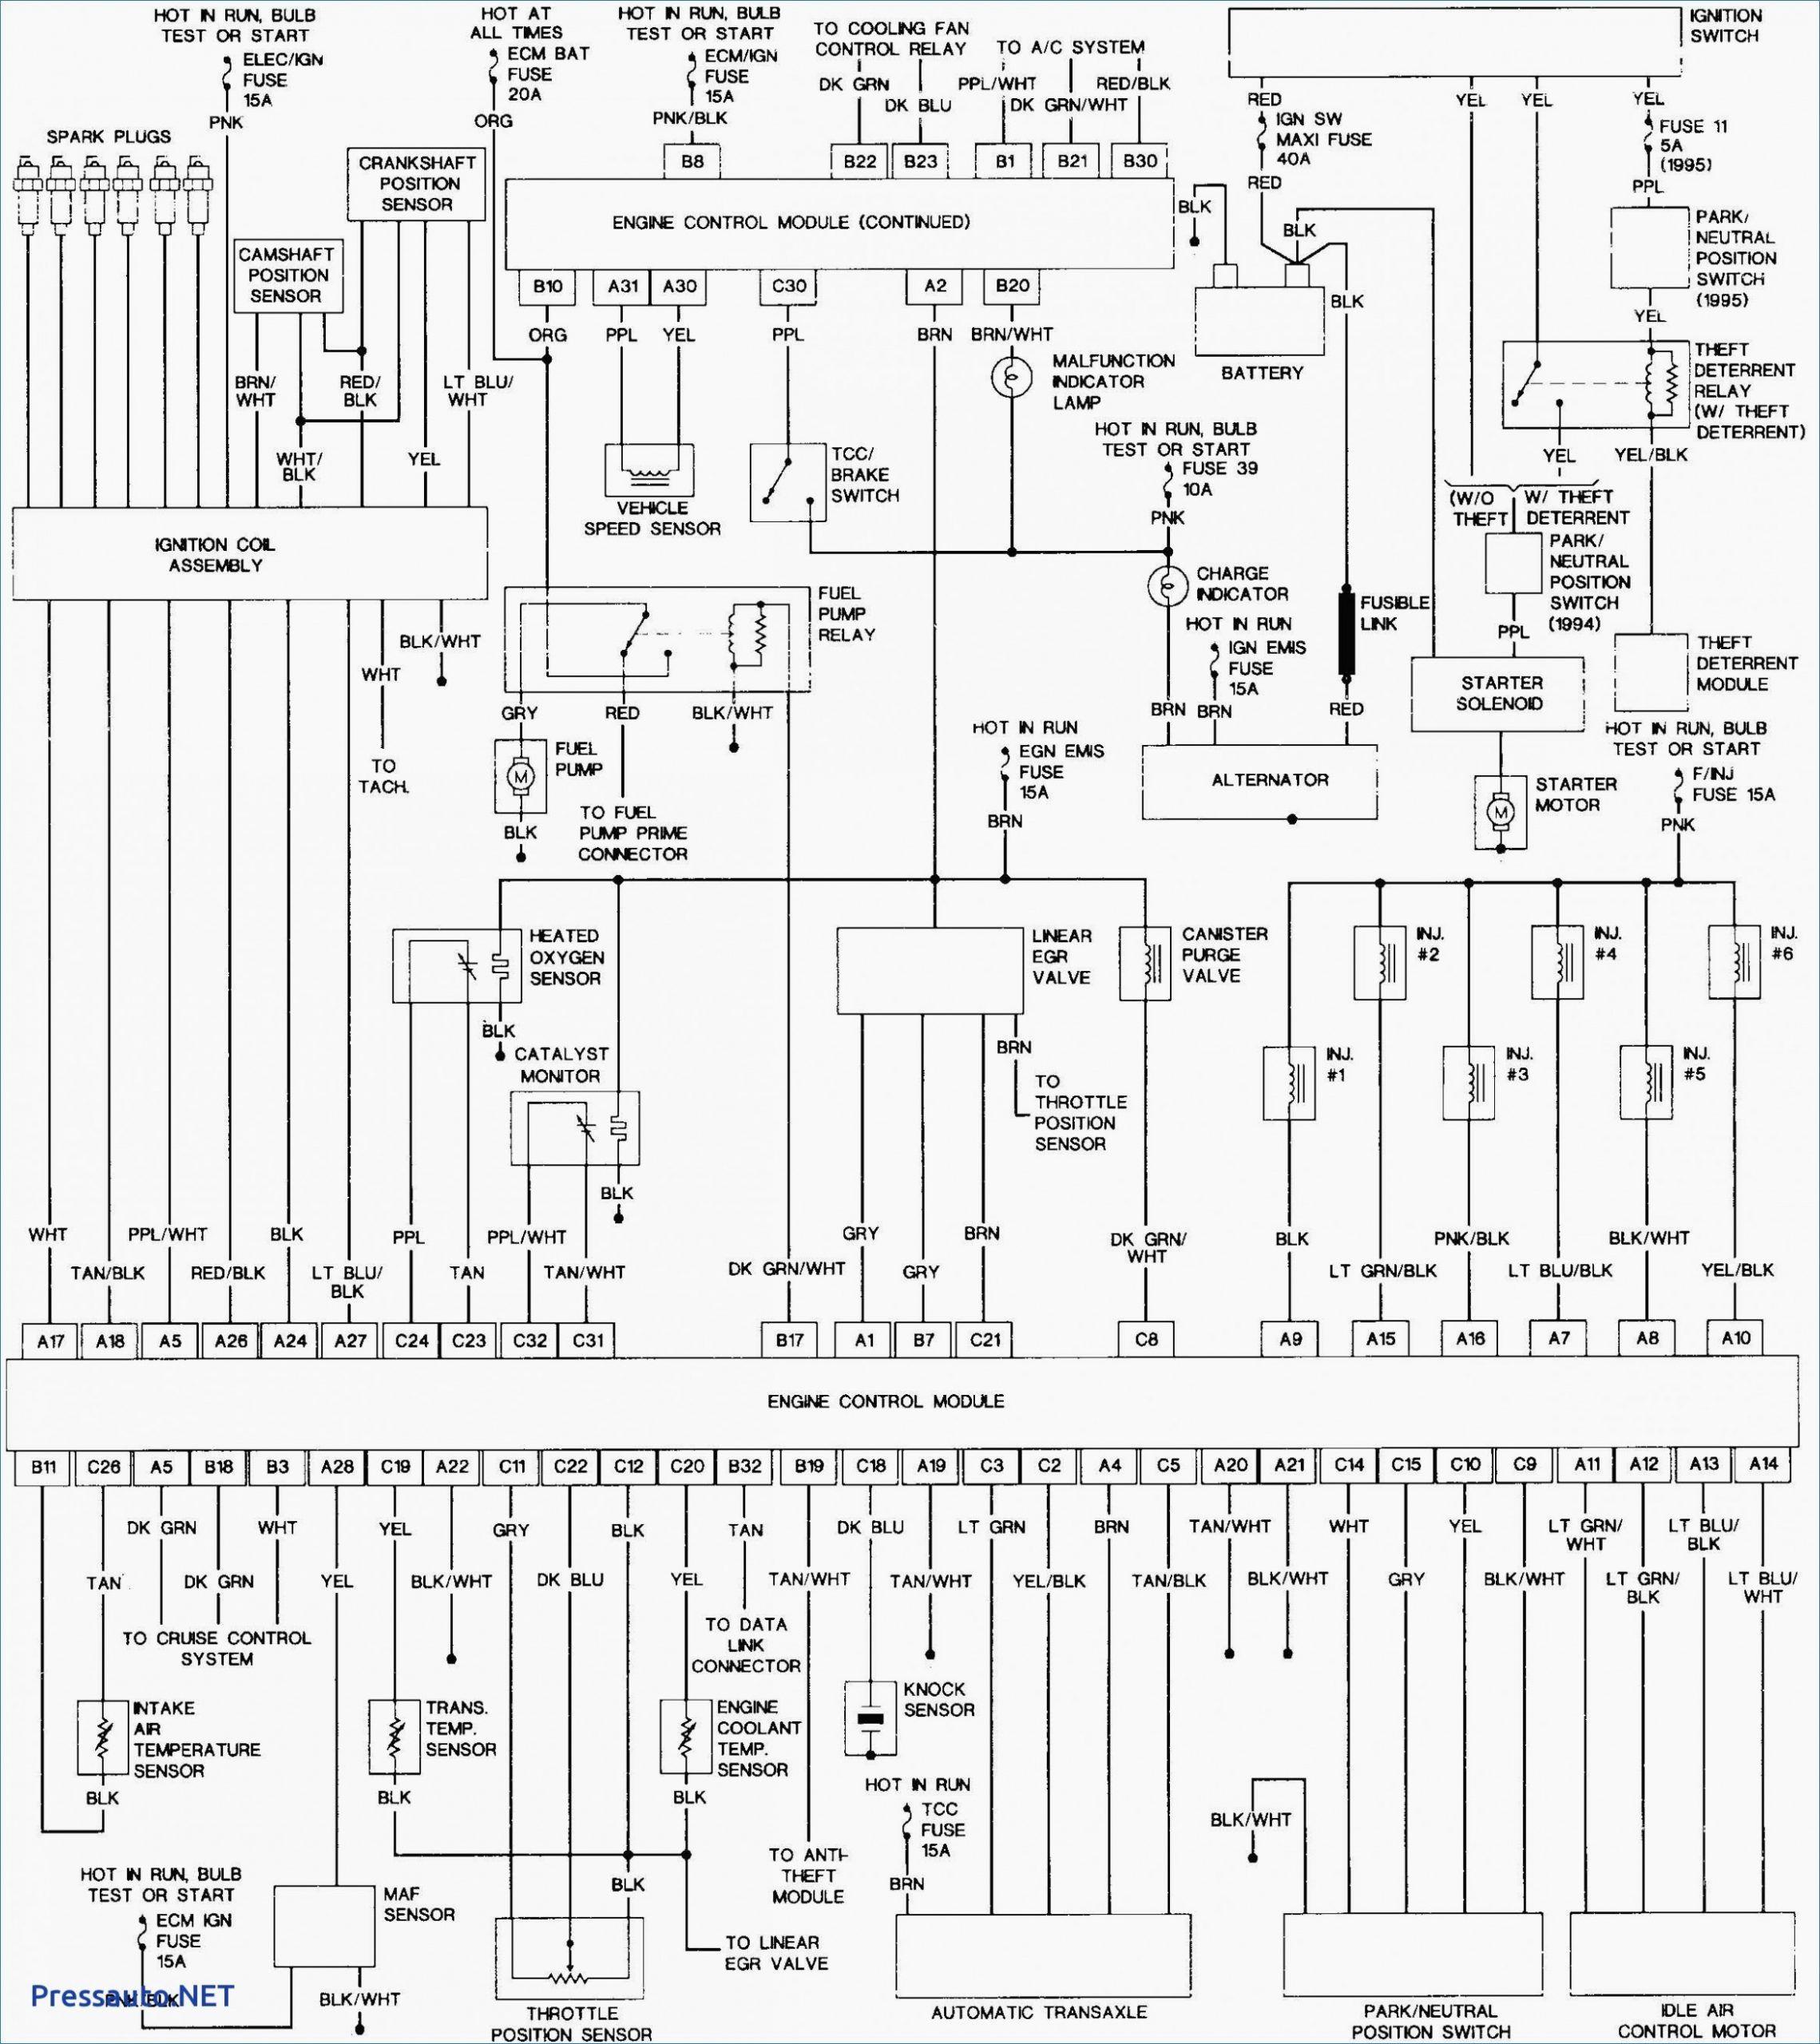 Toyota Prius Fuse Box Diagram